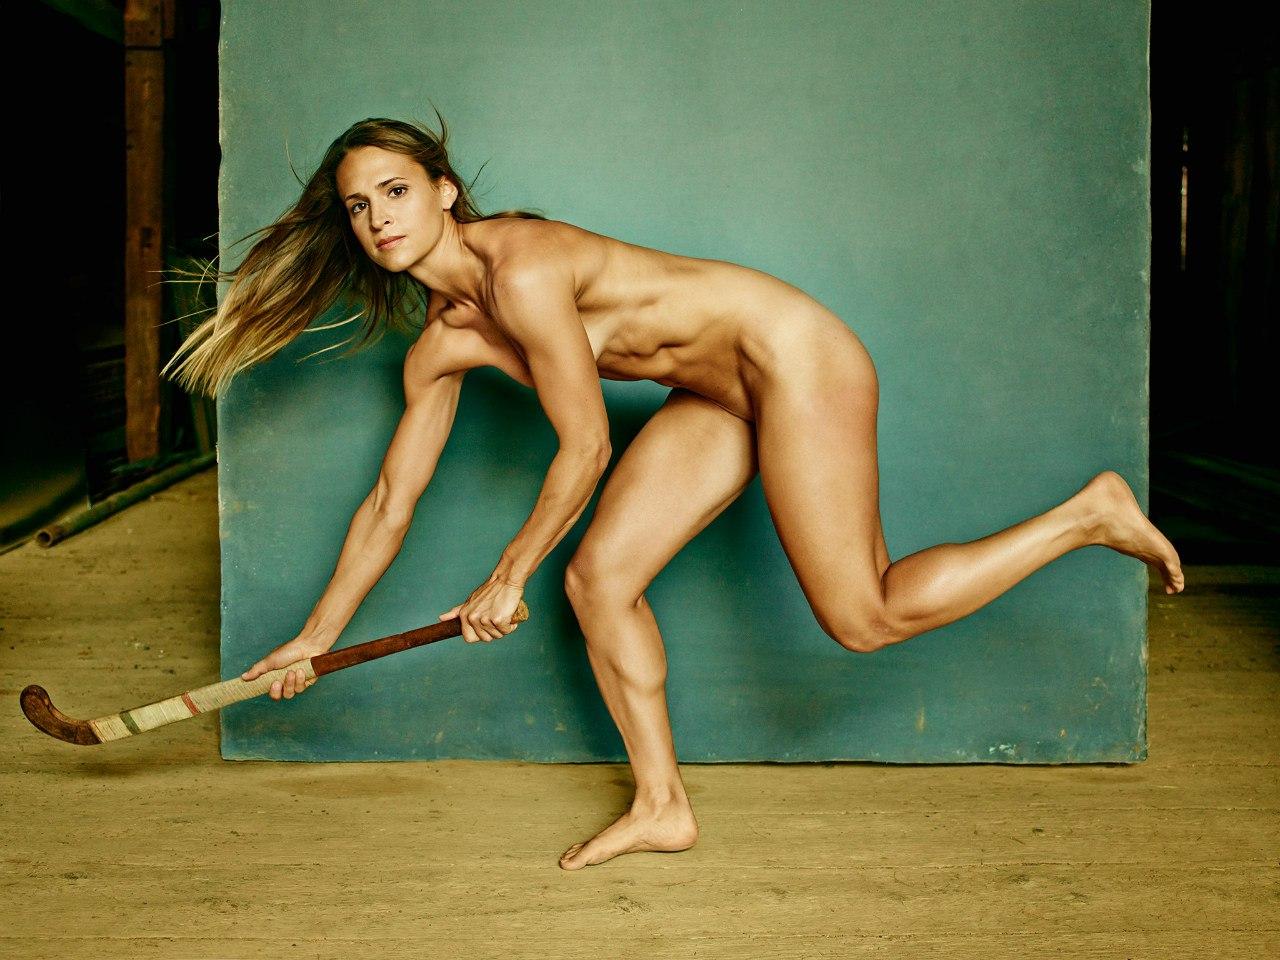 Эротические фото российских спортсменок 7 фотография